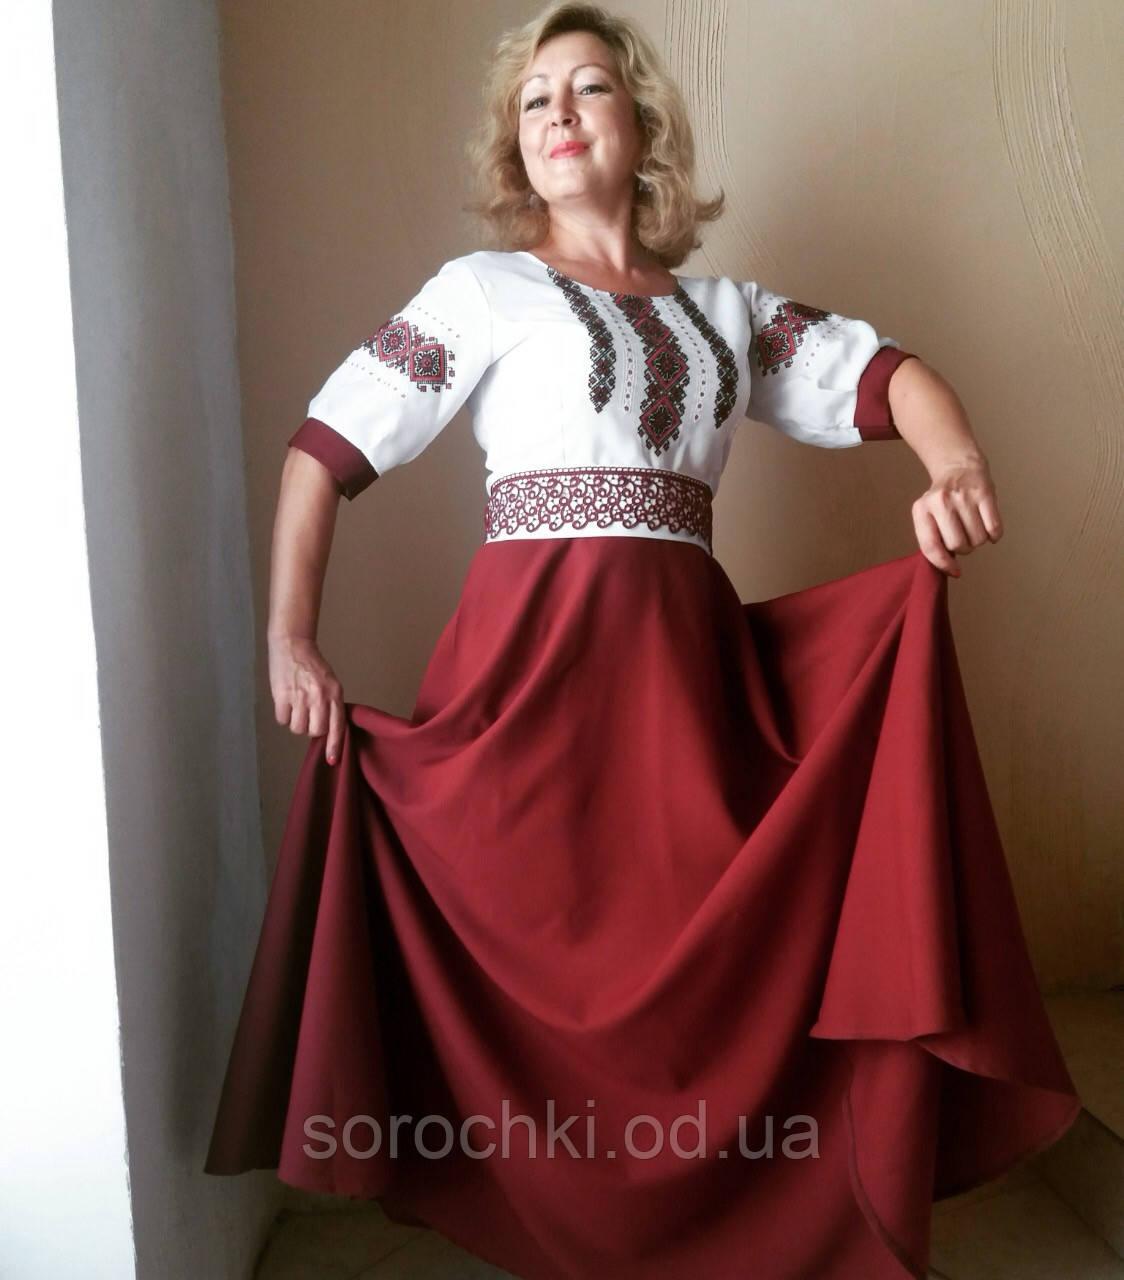 Платье в этническом стиле, с вышивкой, длинное, габардин, бордовое с белым